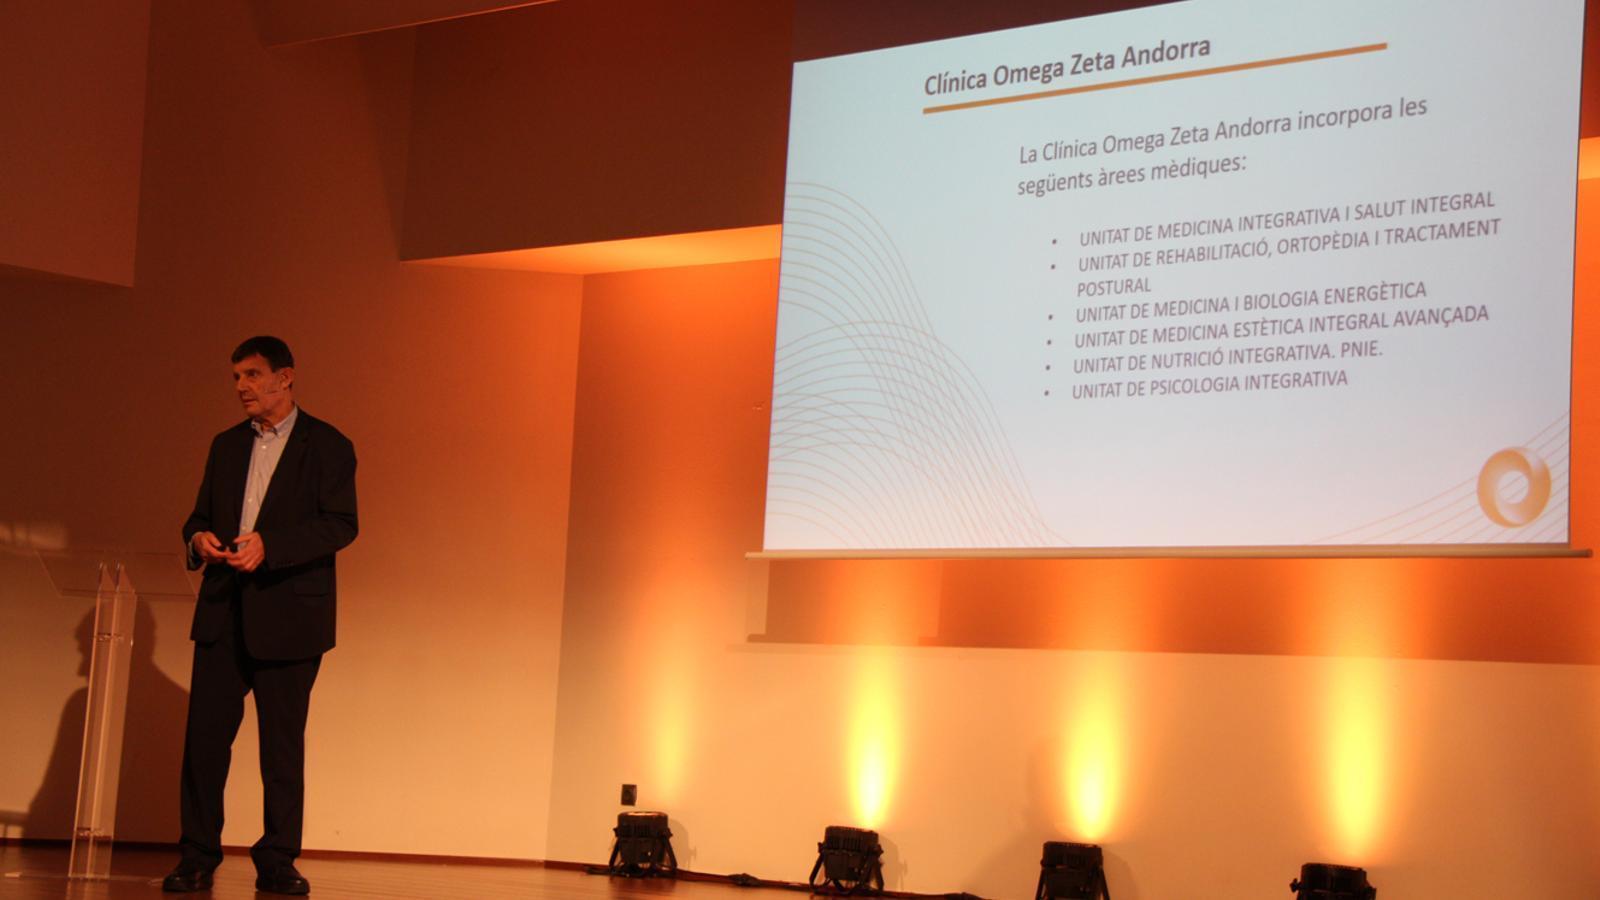 El Dr. Josep Aldosa, director mèdic de la clínica Omega Zeta Andorra, en un moment de la presentació. / L. M. (ANA)